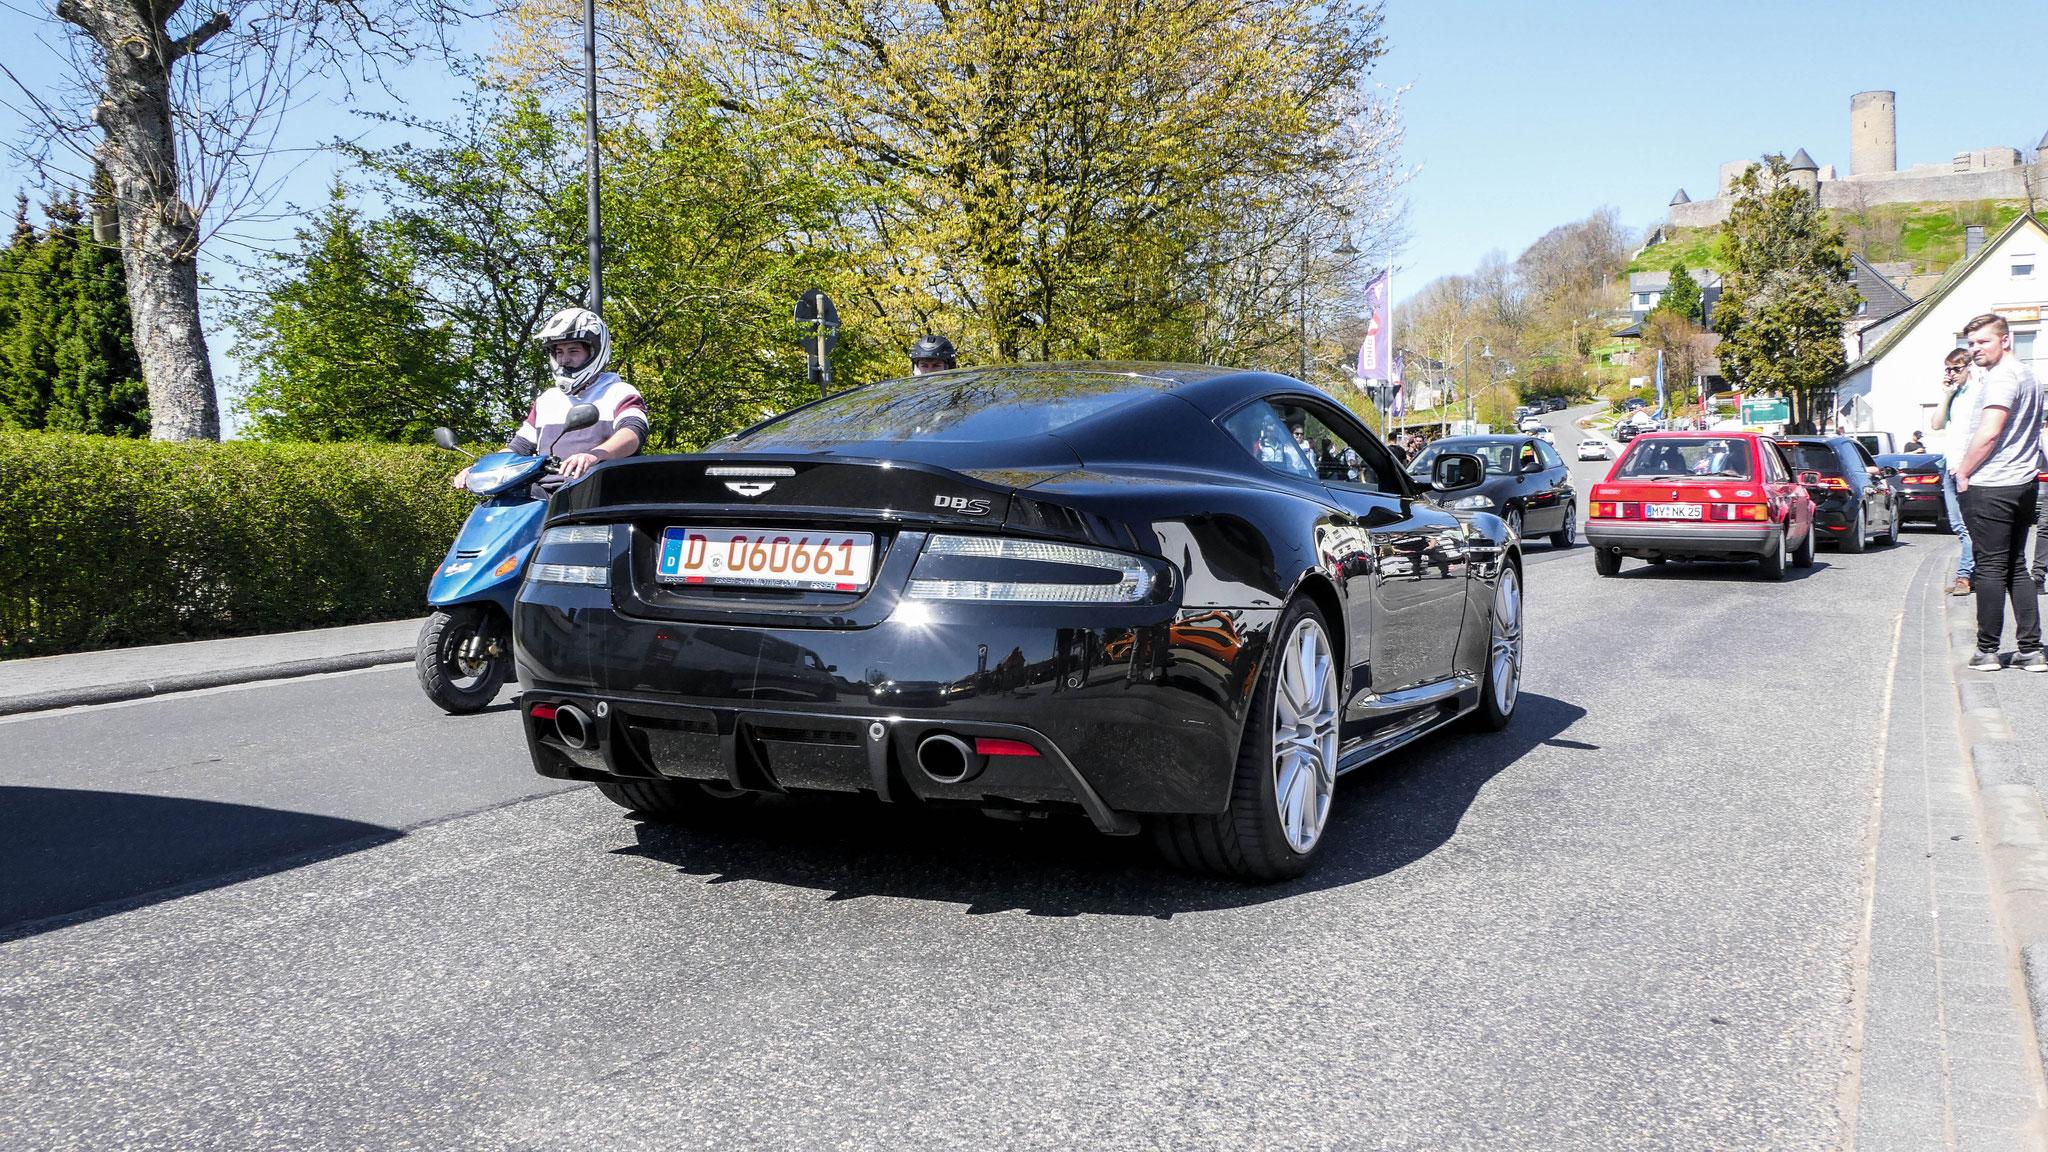 Aston Martin DBS - D-060661